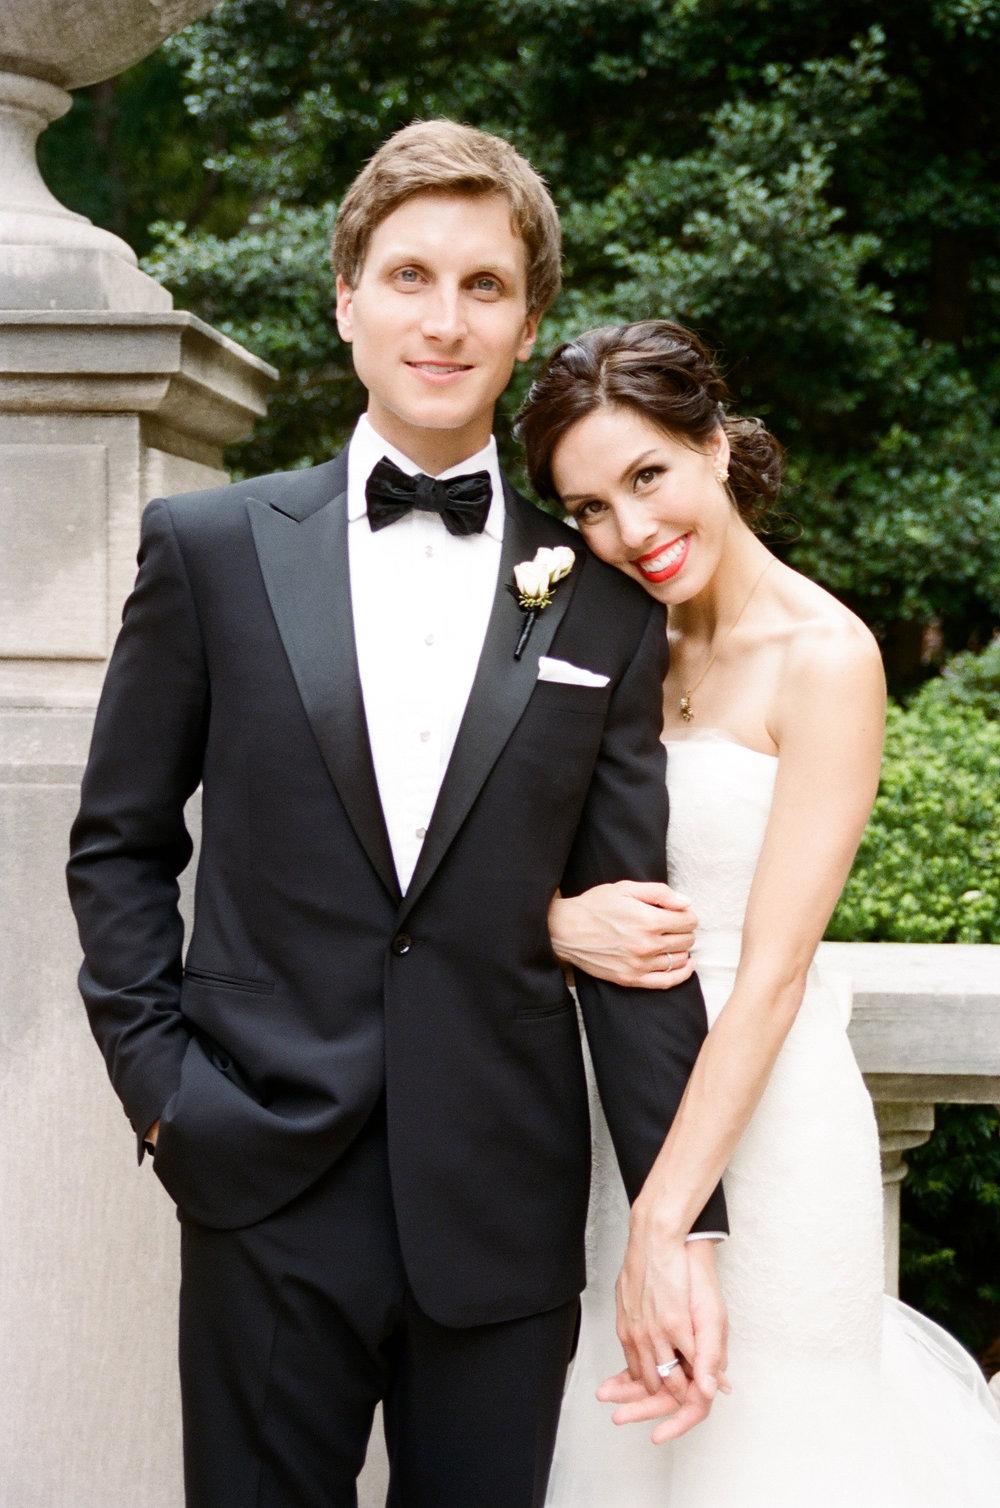 Rittenhouse-Philadelphia-Fine-Art-Film-Wedding-46.jpg